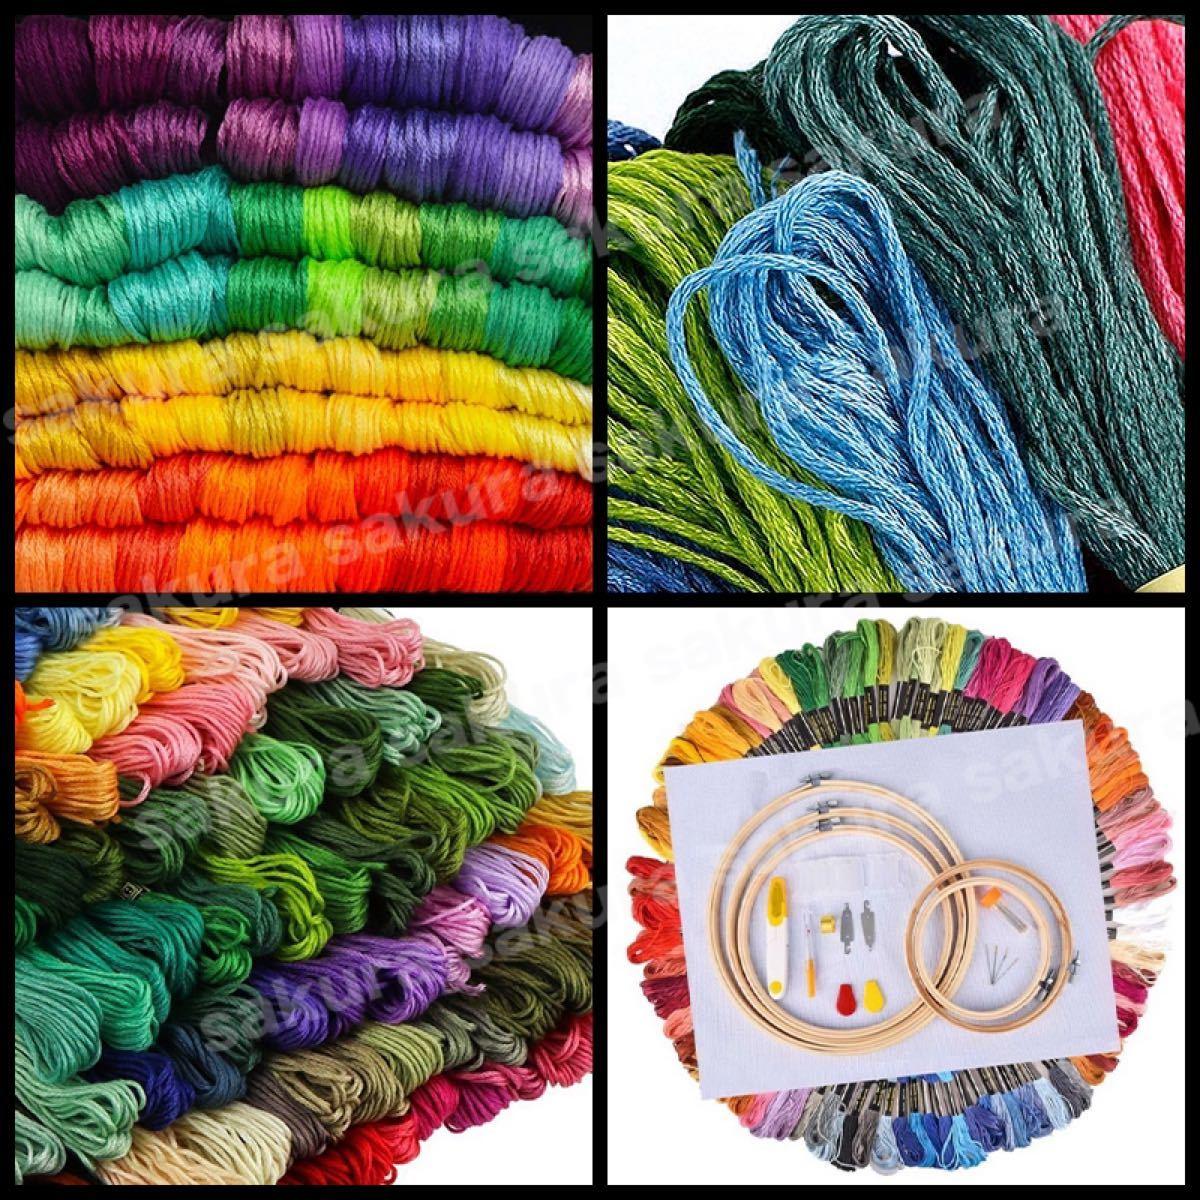 刺繍糸 刺しゅう糸 ハンドメイド クロスステッチ 100色 ミサンガ 刺繍